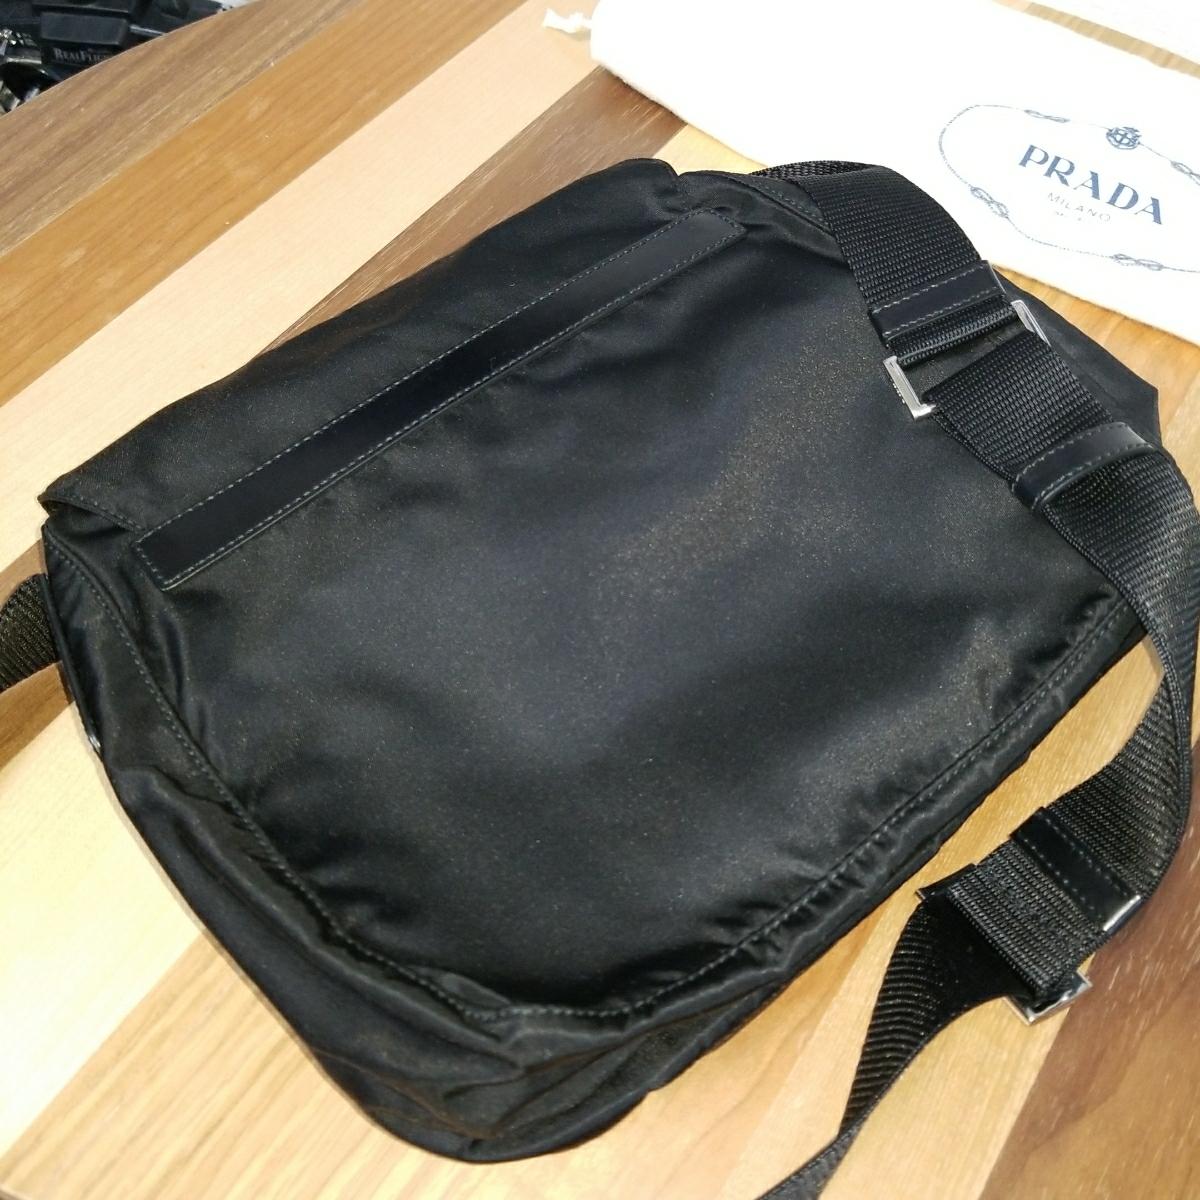 【正規品】新品 PRADA プラダ ショルダーバッグ 保存袋・ギャランティカード付 気持ち良く使って頂けます_画像3